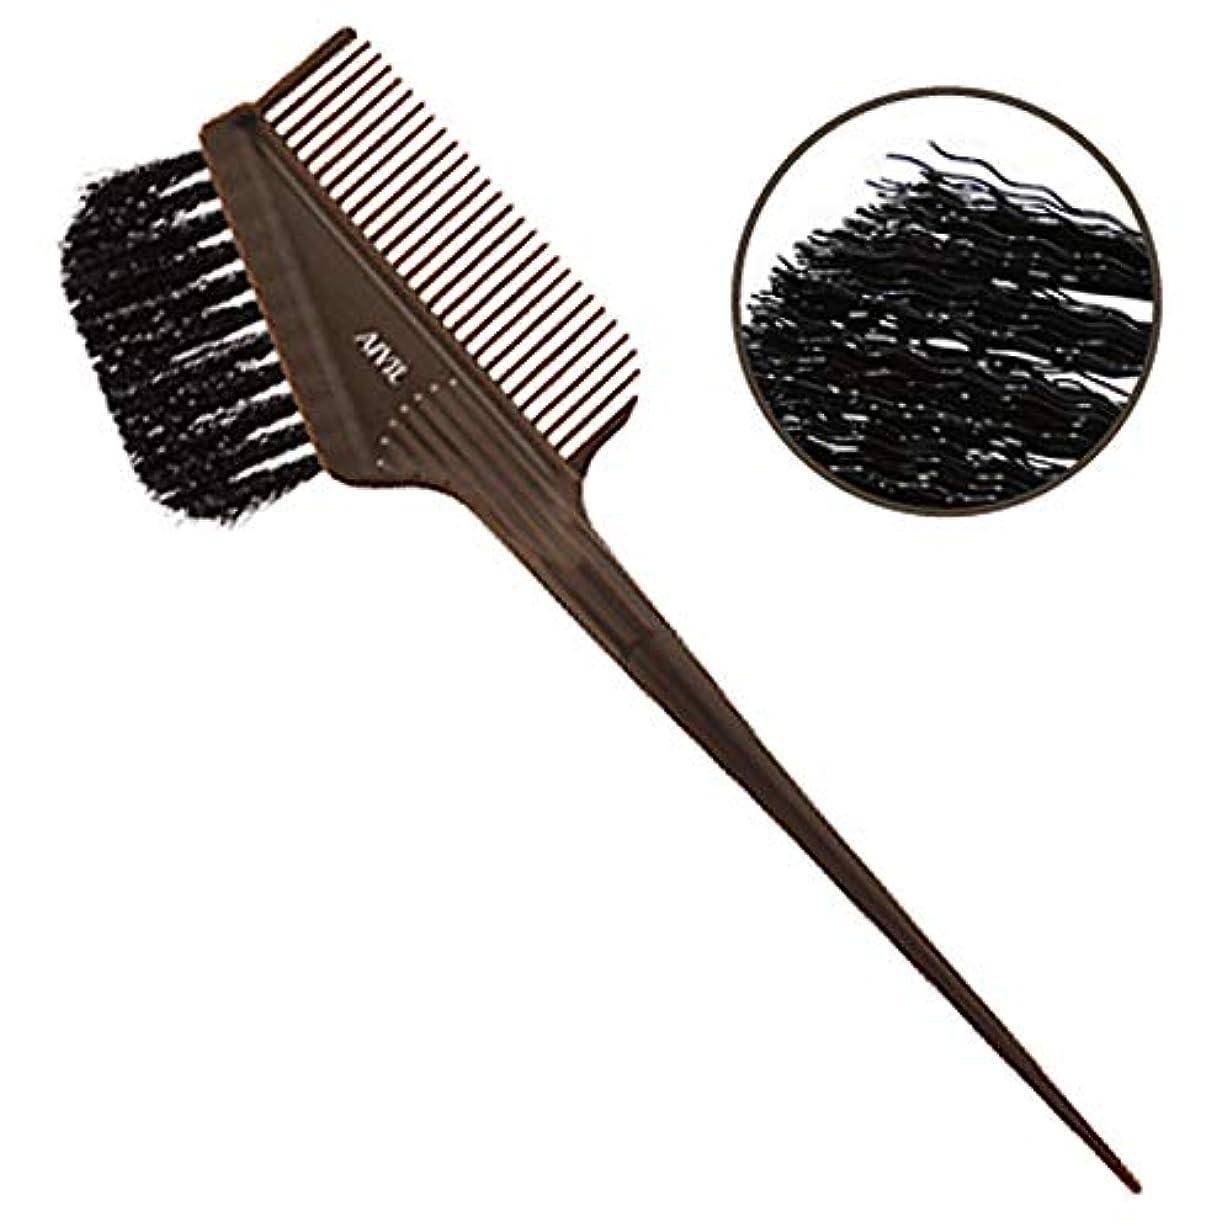 アーティスト致命的中にアイビル ヘアダイブラシ バトン ブラウン ウェーブ毛 刷毛/カラー剤/毛染めブラシ AIVIL